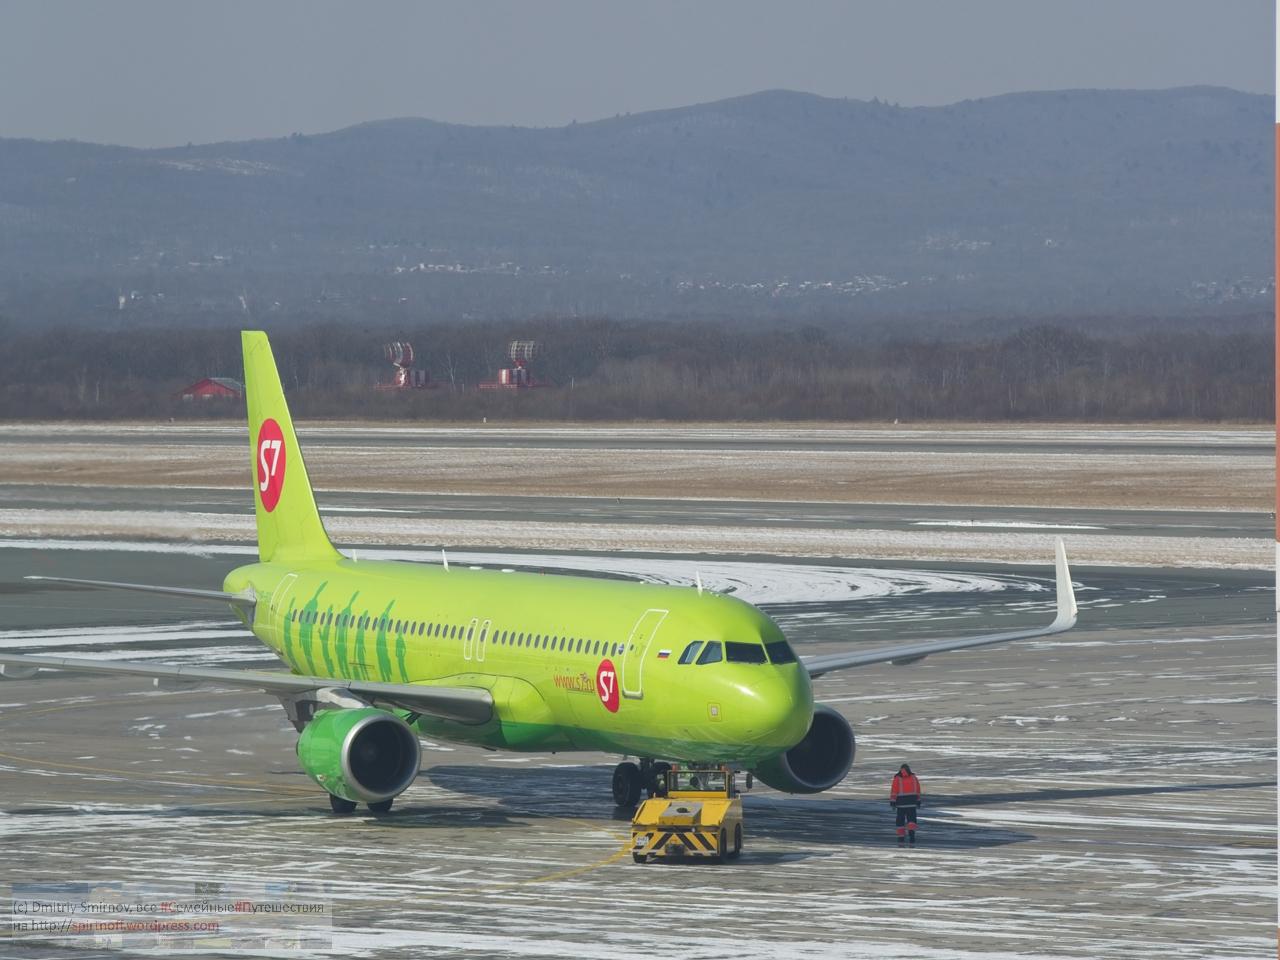 SMI23074-Blog-227 Путешествия  Владивосток. Постскриптум (Аэропорт Артем)